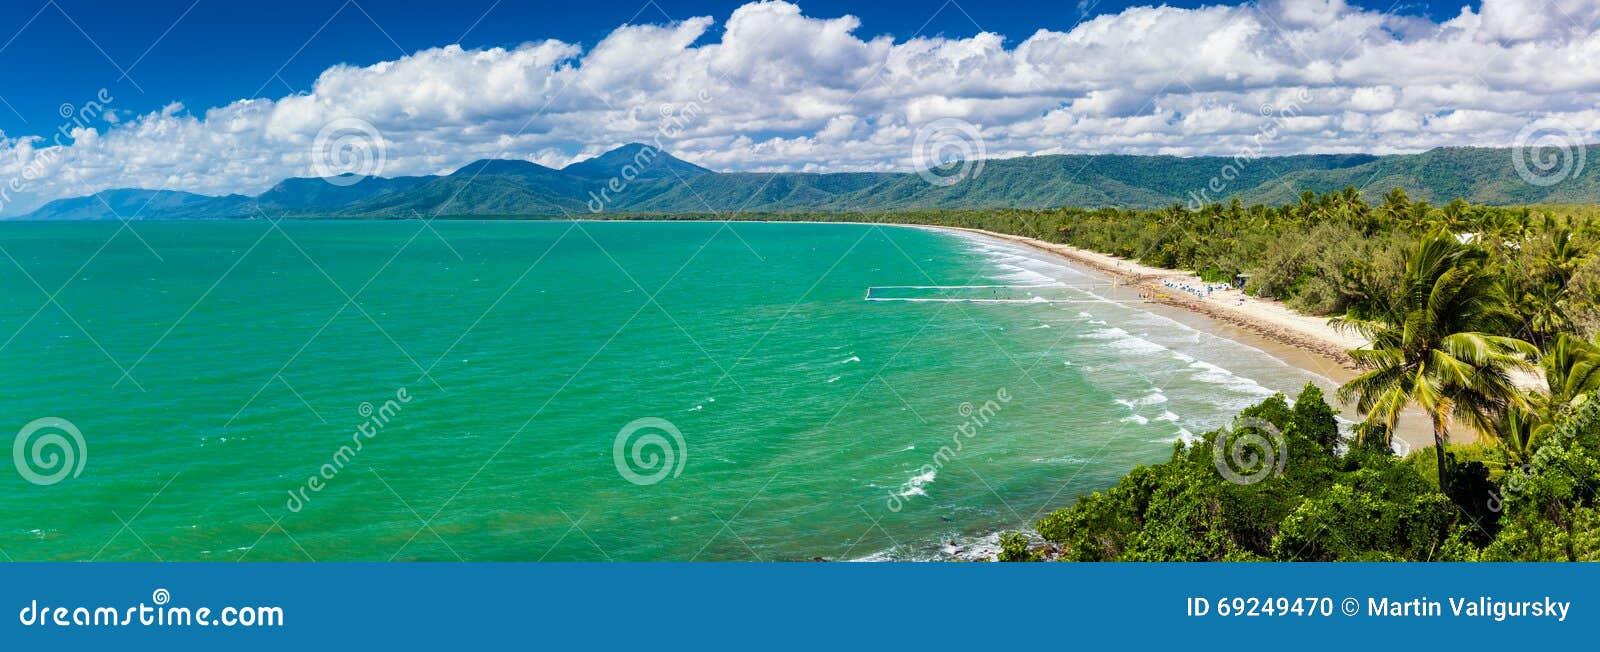 Port Douglas пляж 4 миль и океан на солнечный день, Австралия